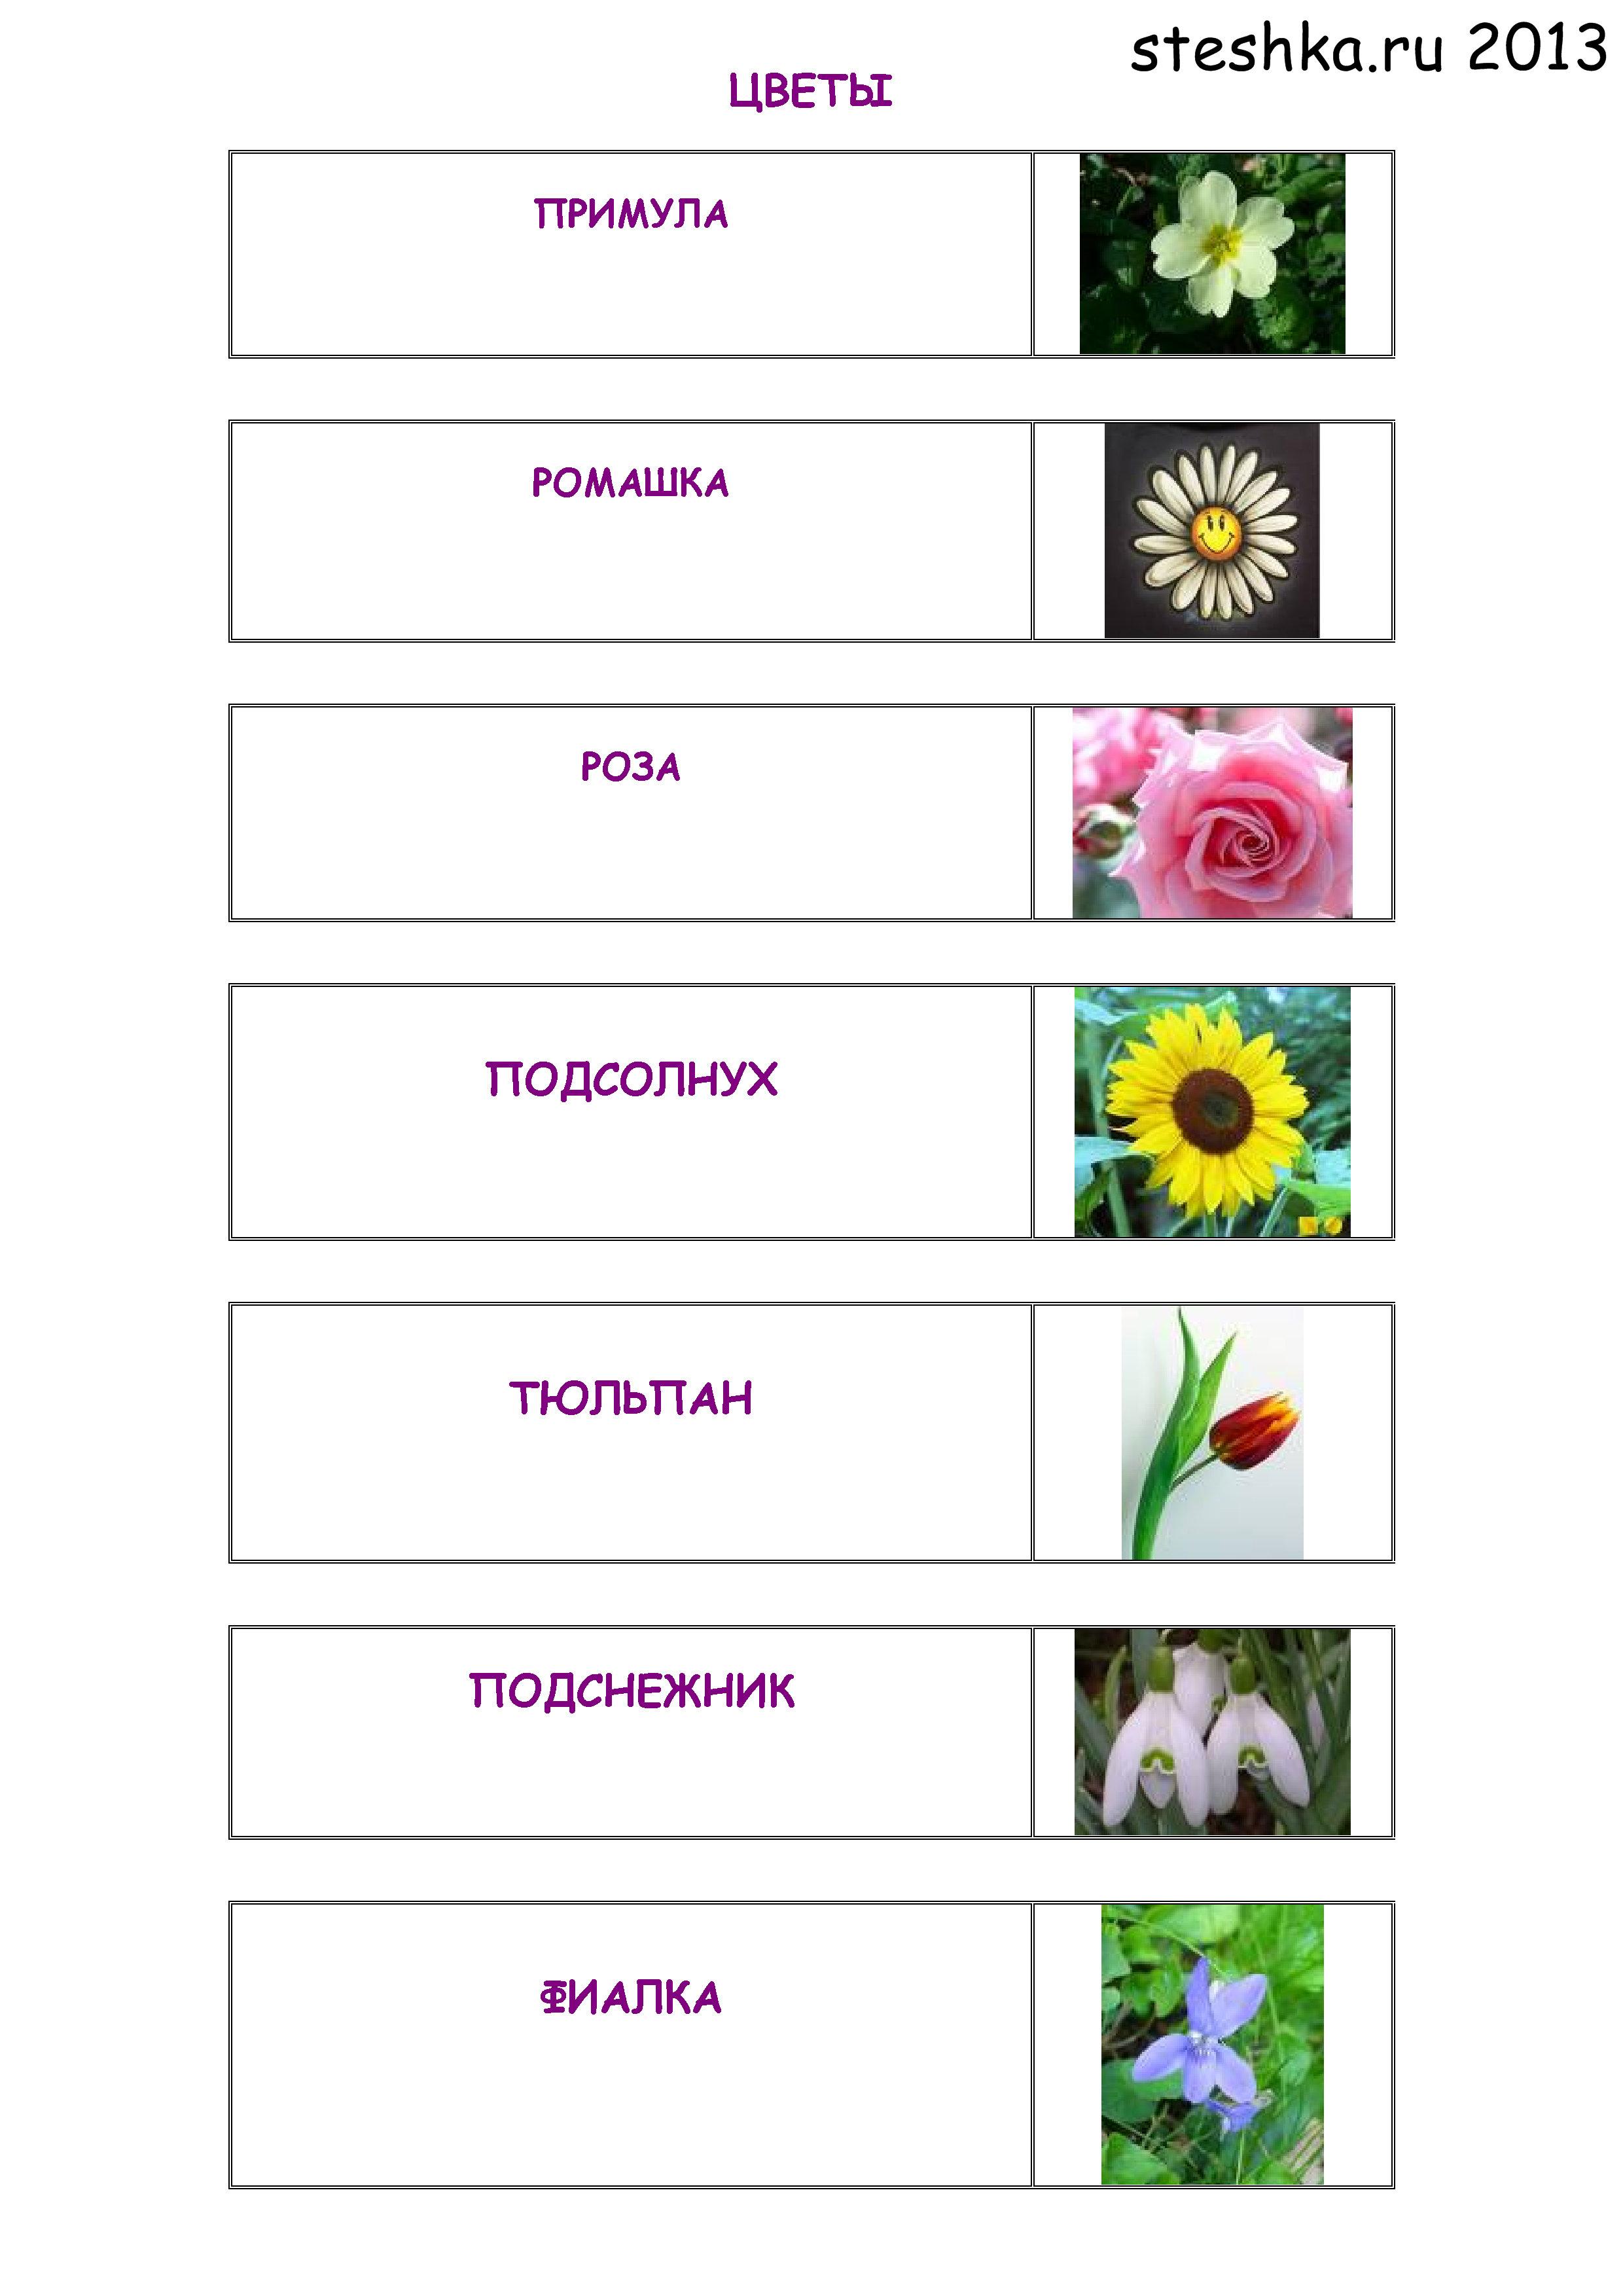 Названия цветов на букву д